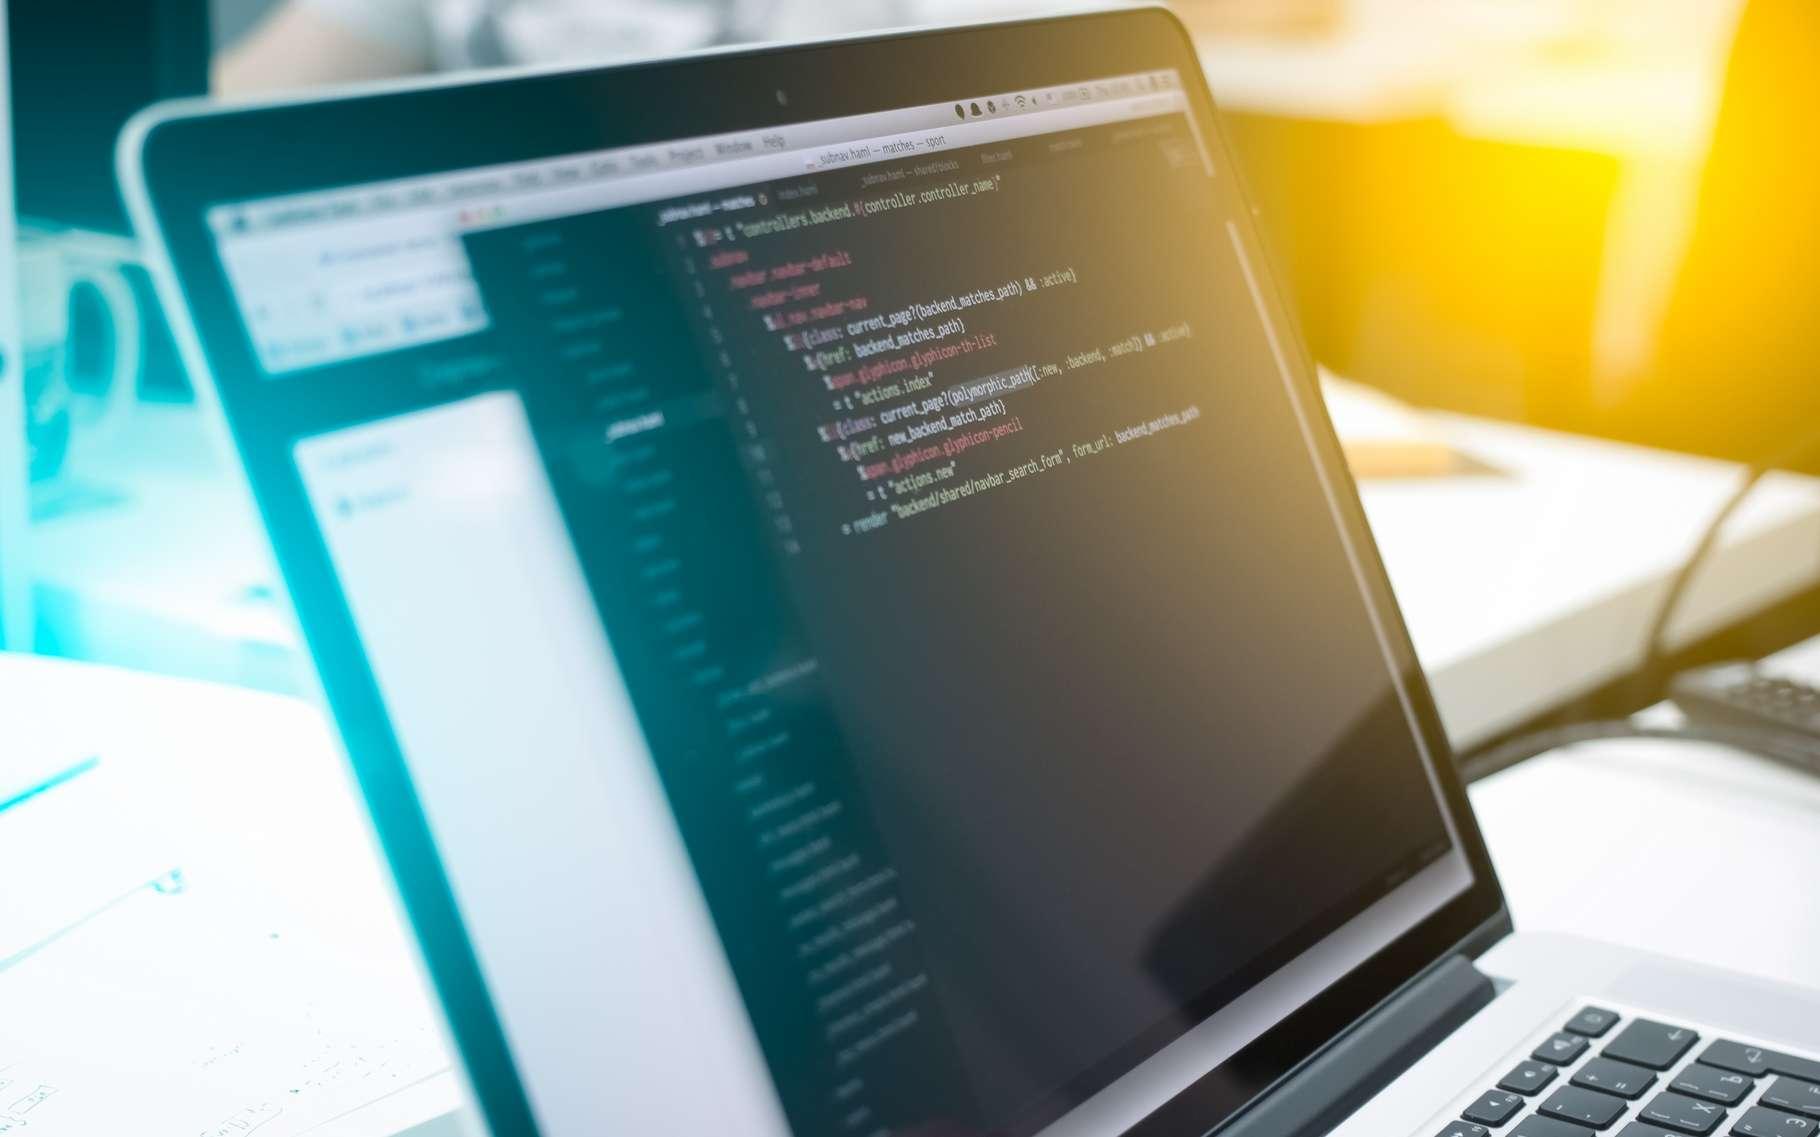 Le BattleDev est un concours de programmation qui se déroule sur Internet. Les candidats ont deux heures pour accomplir six exercices dans le langage de programmation de leur choix. © Timofey_123, Shutterstock